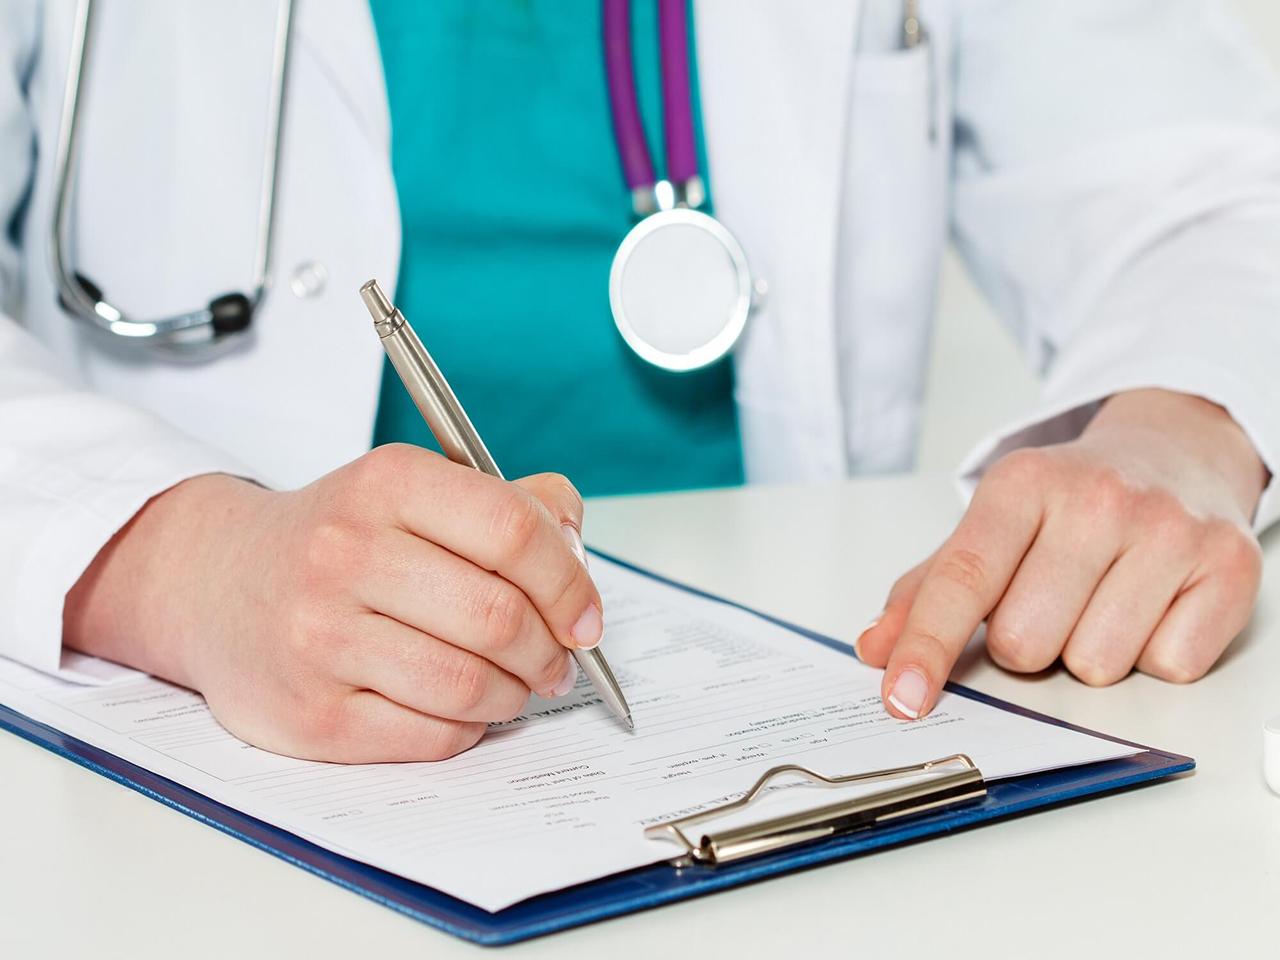 Laudo Médico: Entenda a importância deste documento